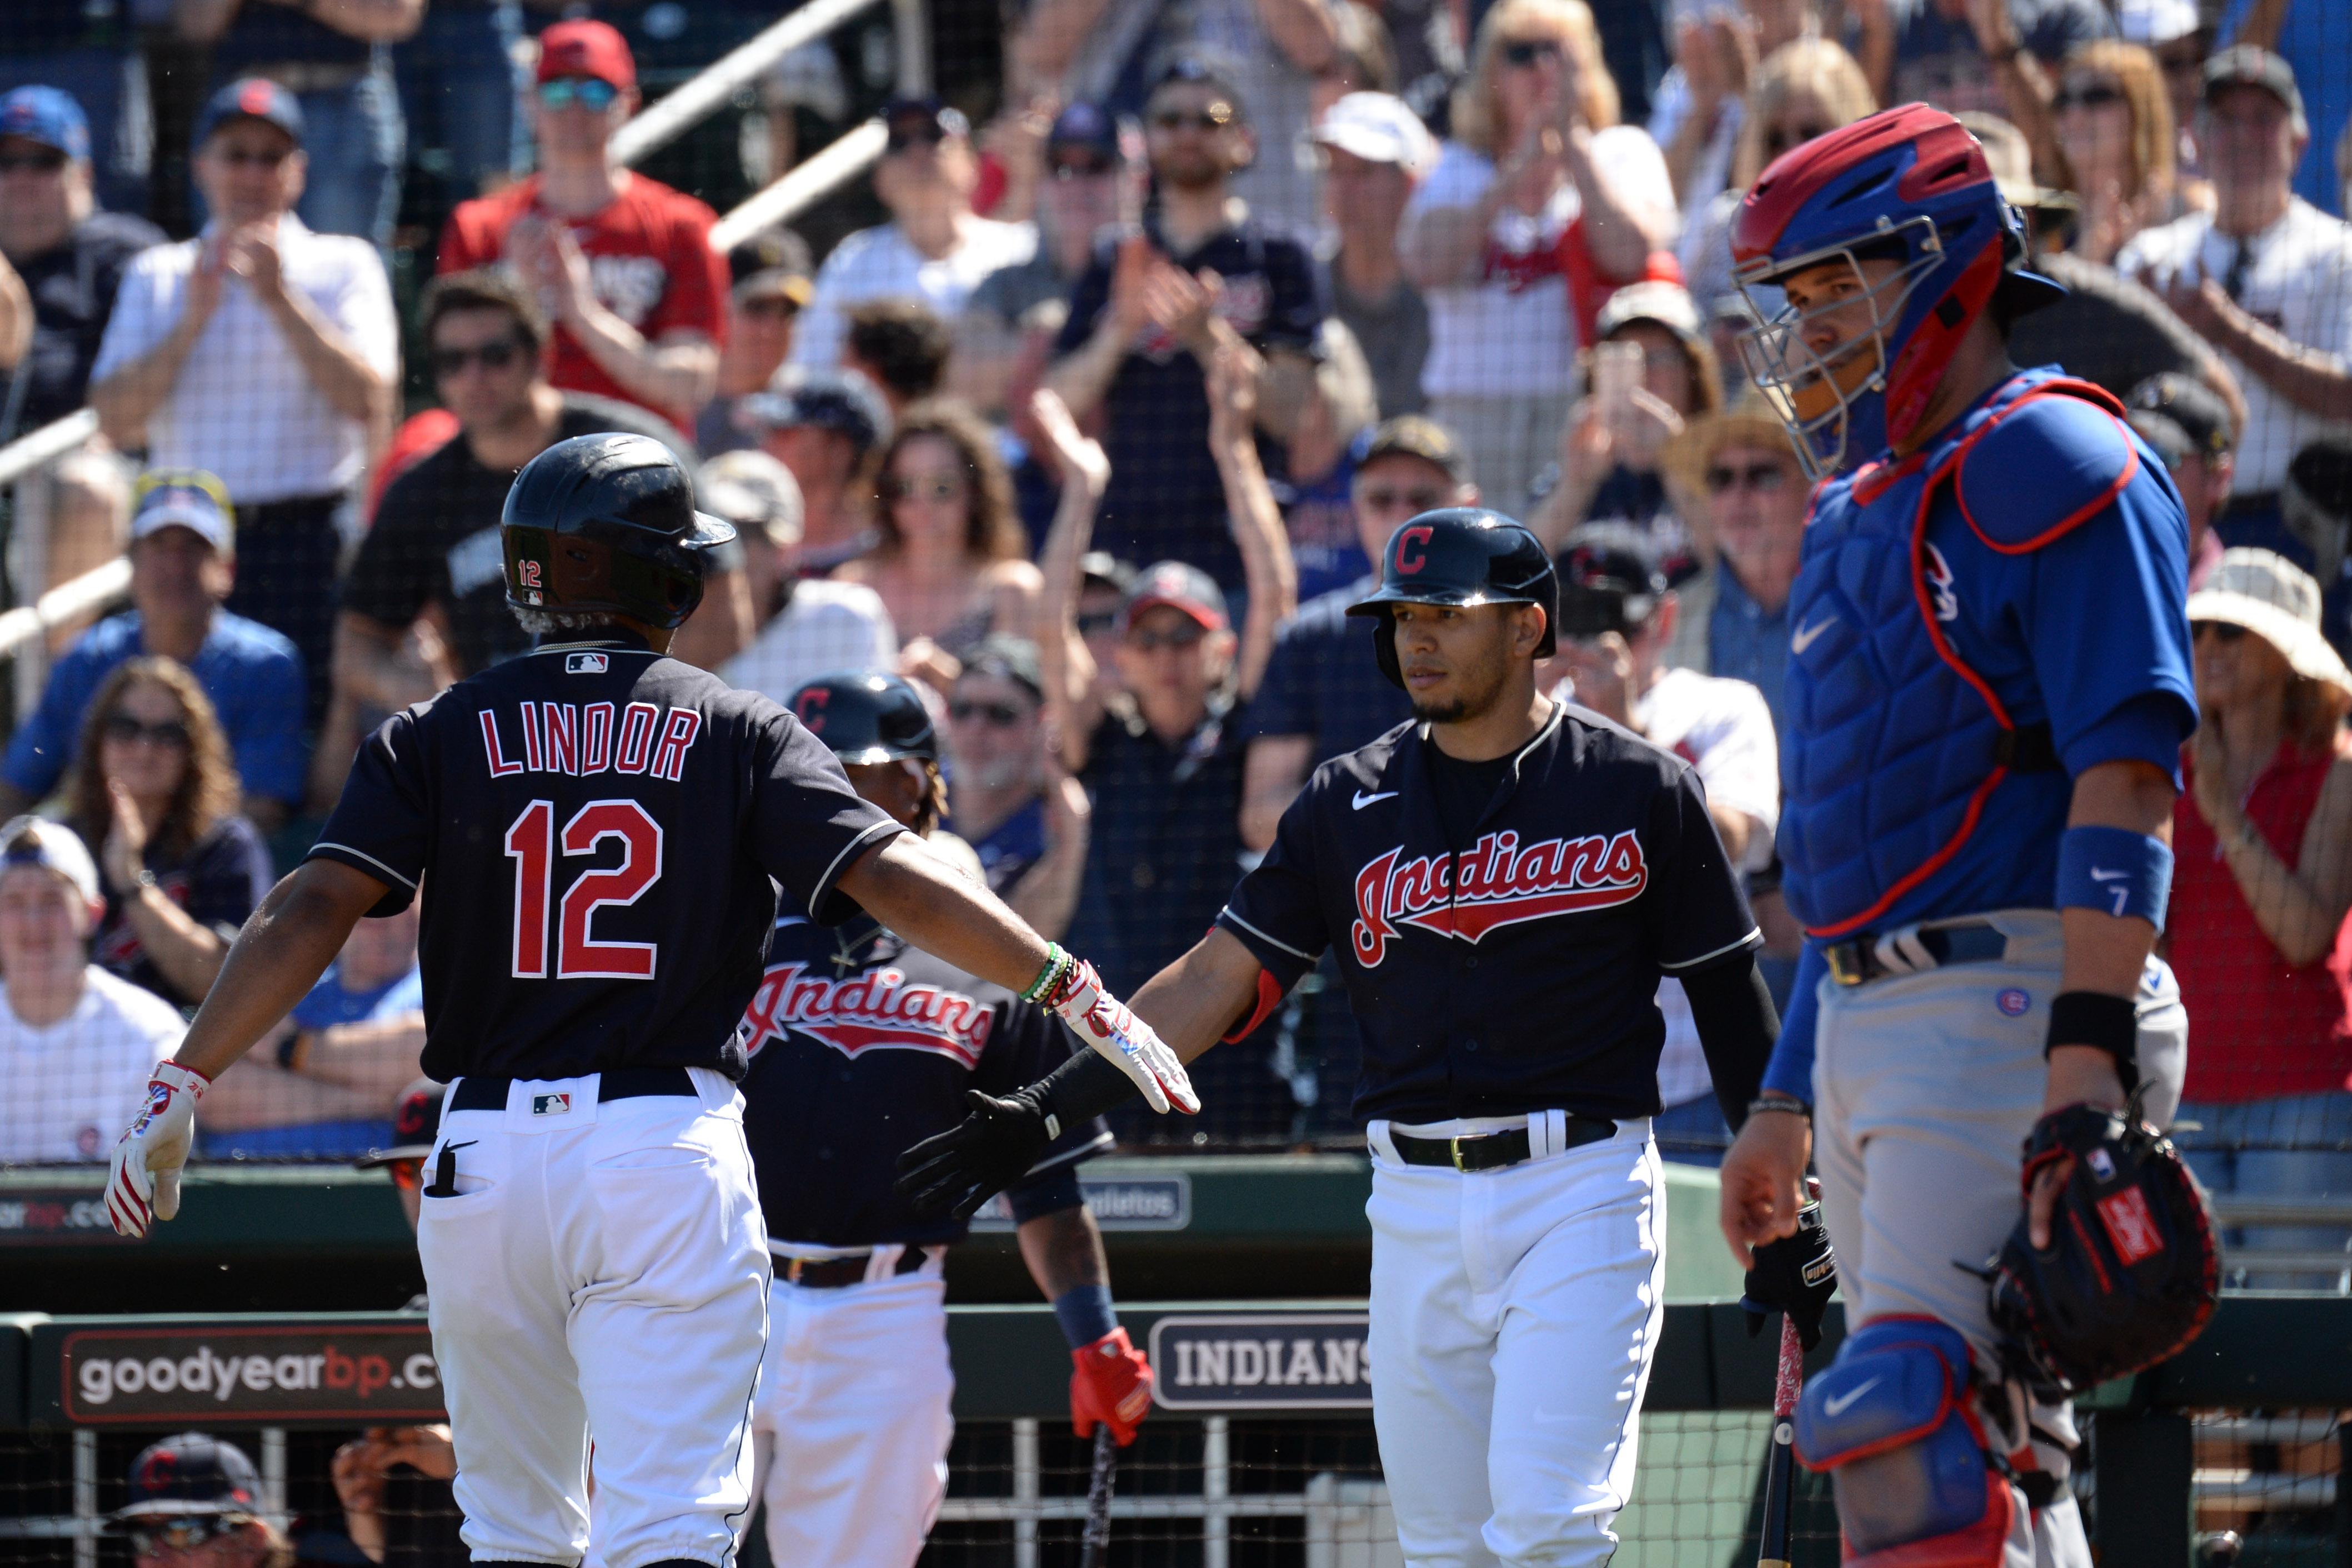 BP en español: Los mejores planes—Cleveland Indians